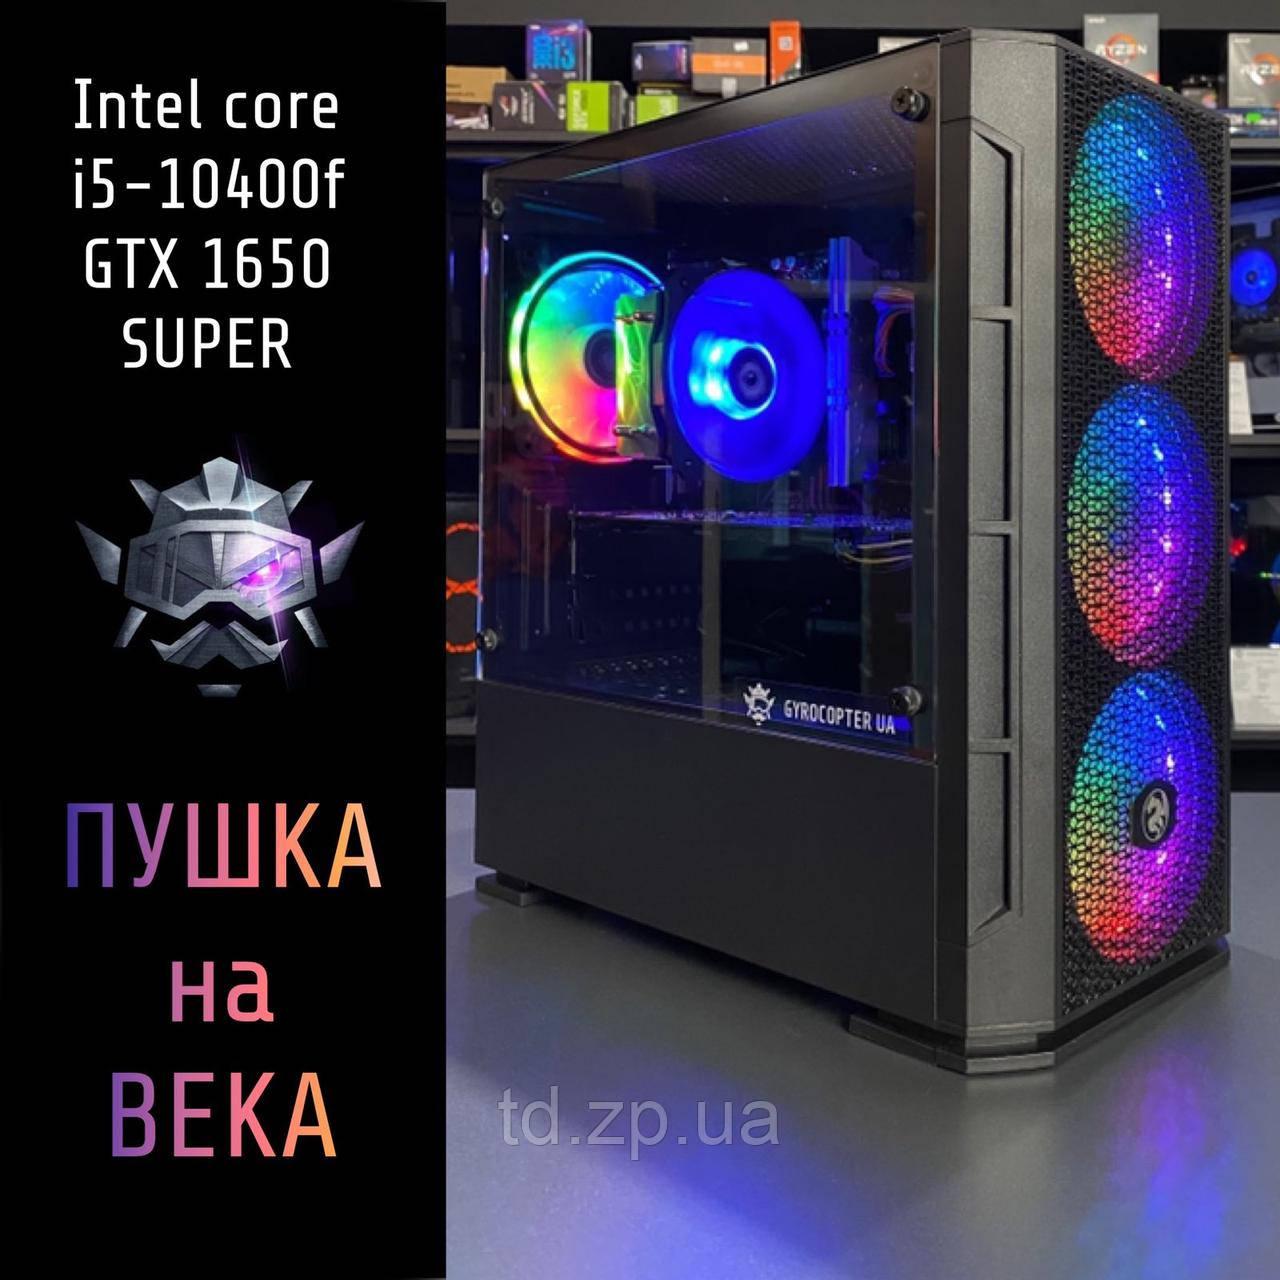 Игровой компьютер Intel Core i5-10400f + GTX 1650 SUPER 4Gb + RAM 16Gb + HDD 1000Gb + SSD 120Gb